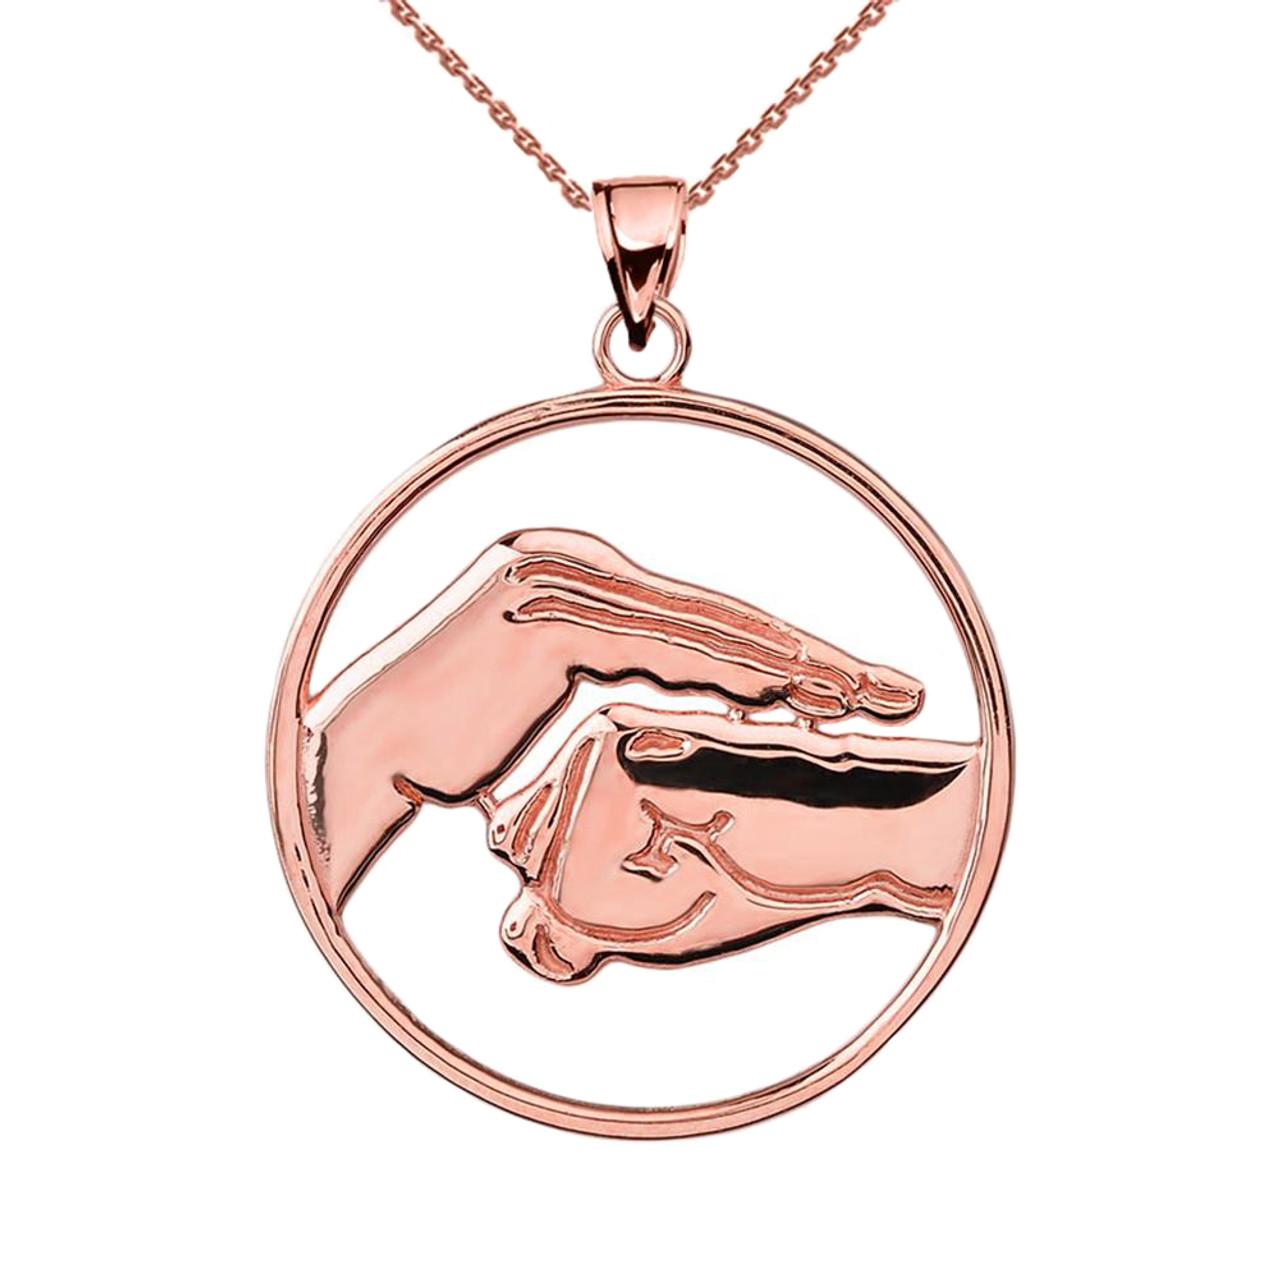 Gold bao quan martial arts hand symbol pendant rose gold bao quan martial arts hand symbol pendant buycottarizona Gallery